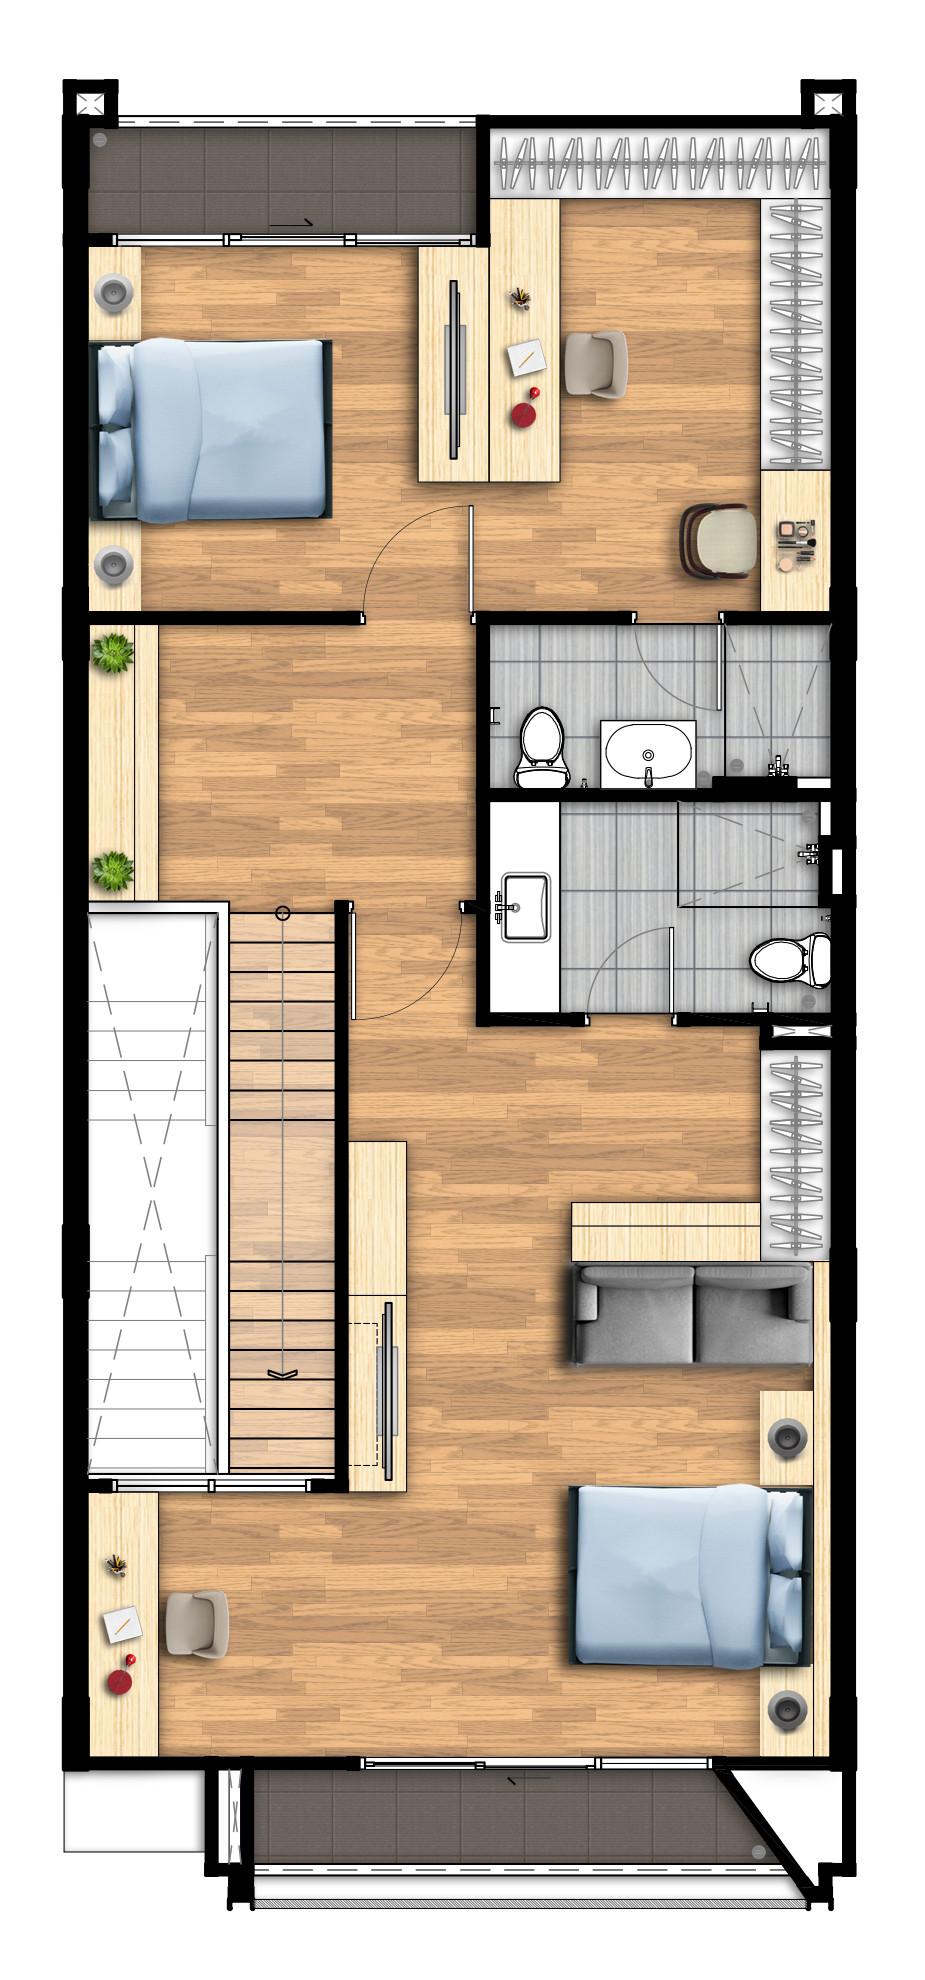 บ้านเดี่ยว บ้านแฝด ทาวน์โฮม ทาวน์เฮ้าส์ Nirvana Define ศรีนครินทร์-พระราม 9 รีวิว พรีวิว ที่ตั้ง ทำเล การเดินทาง บ้านพร้อมอยู่ บ้านใหม่ บ้านราคาถูก